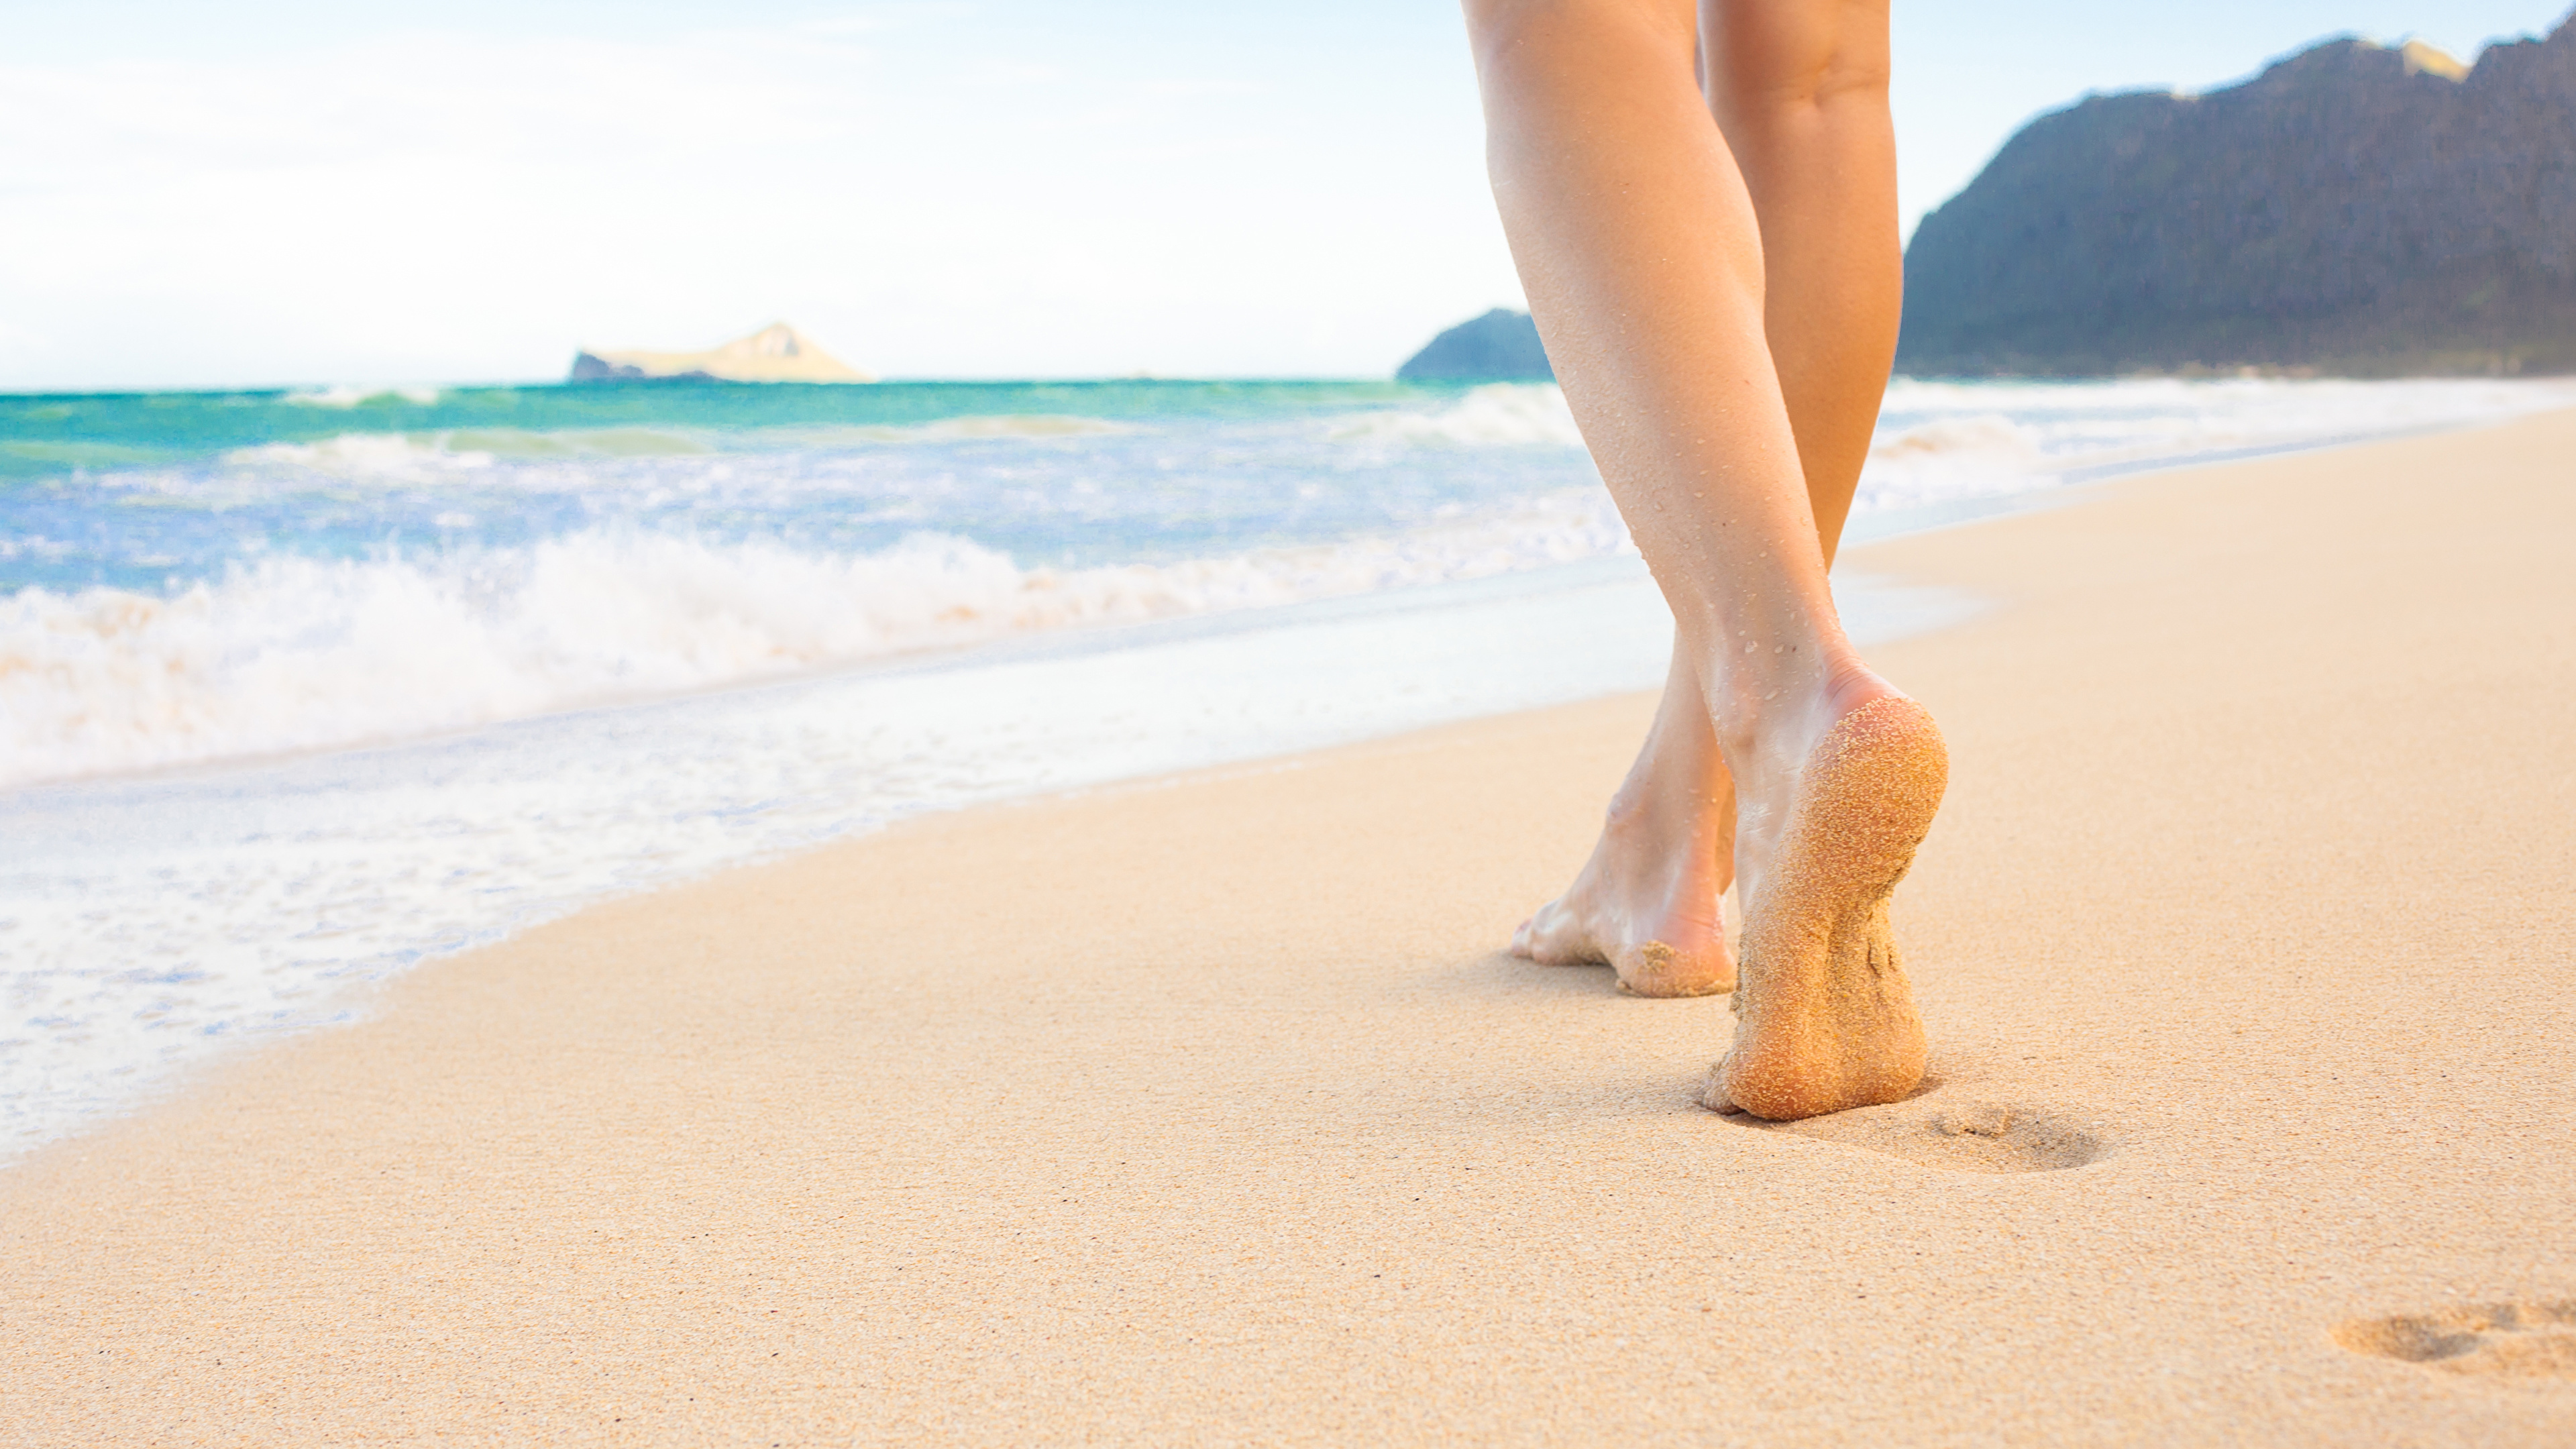 Фотографии пляжа Море Природа Ноги 3840x2160 Пляж пляже пляжи ног